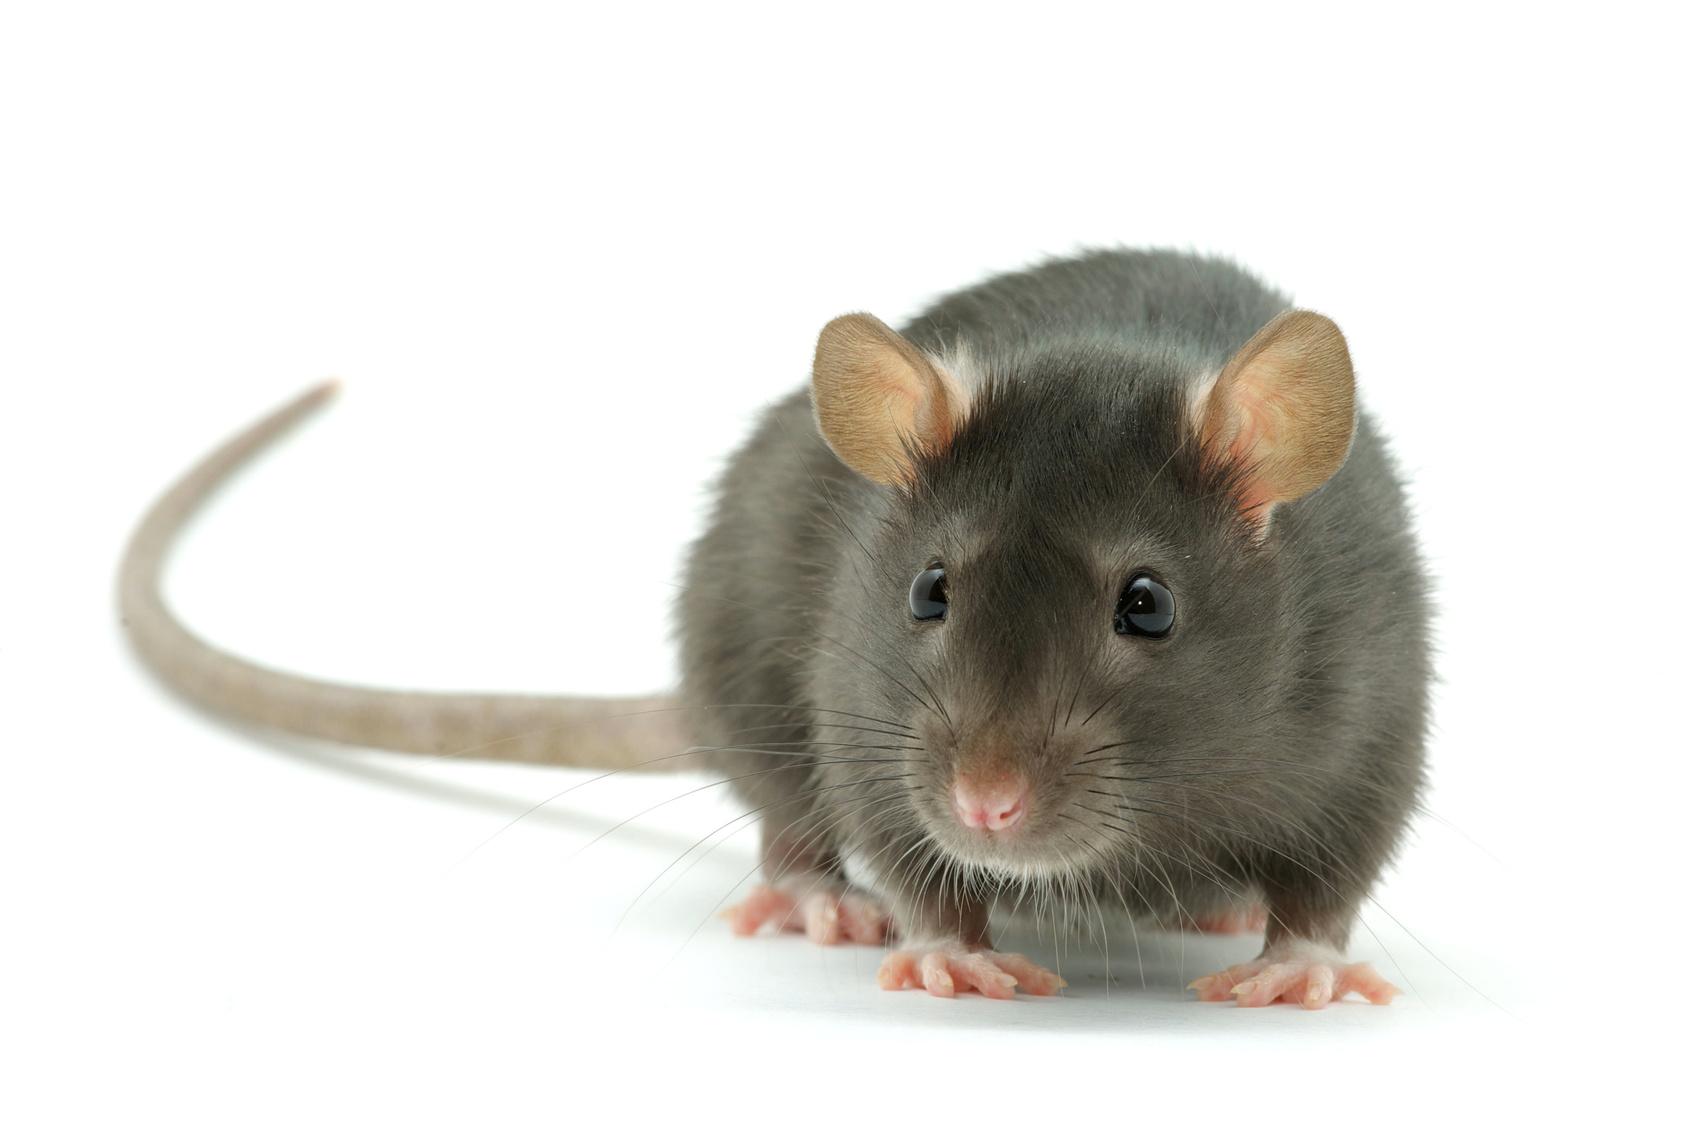 Сонник толкование снов бесплатно крысы